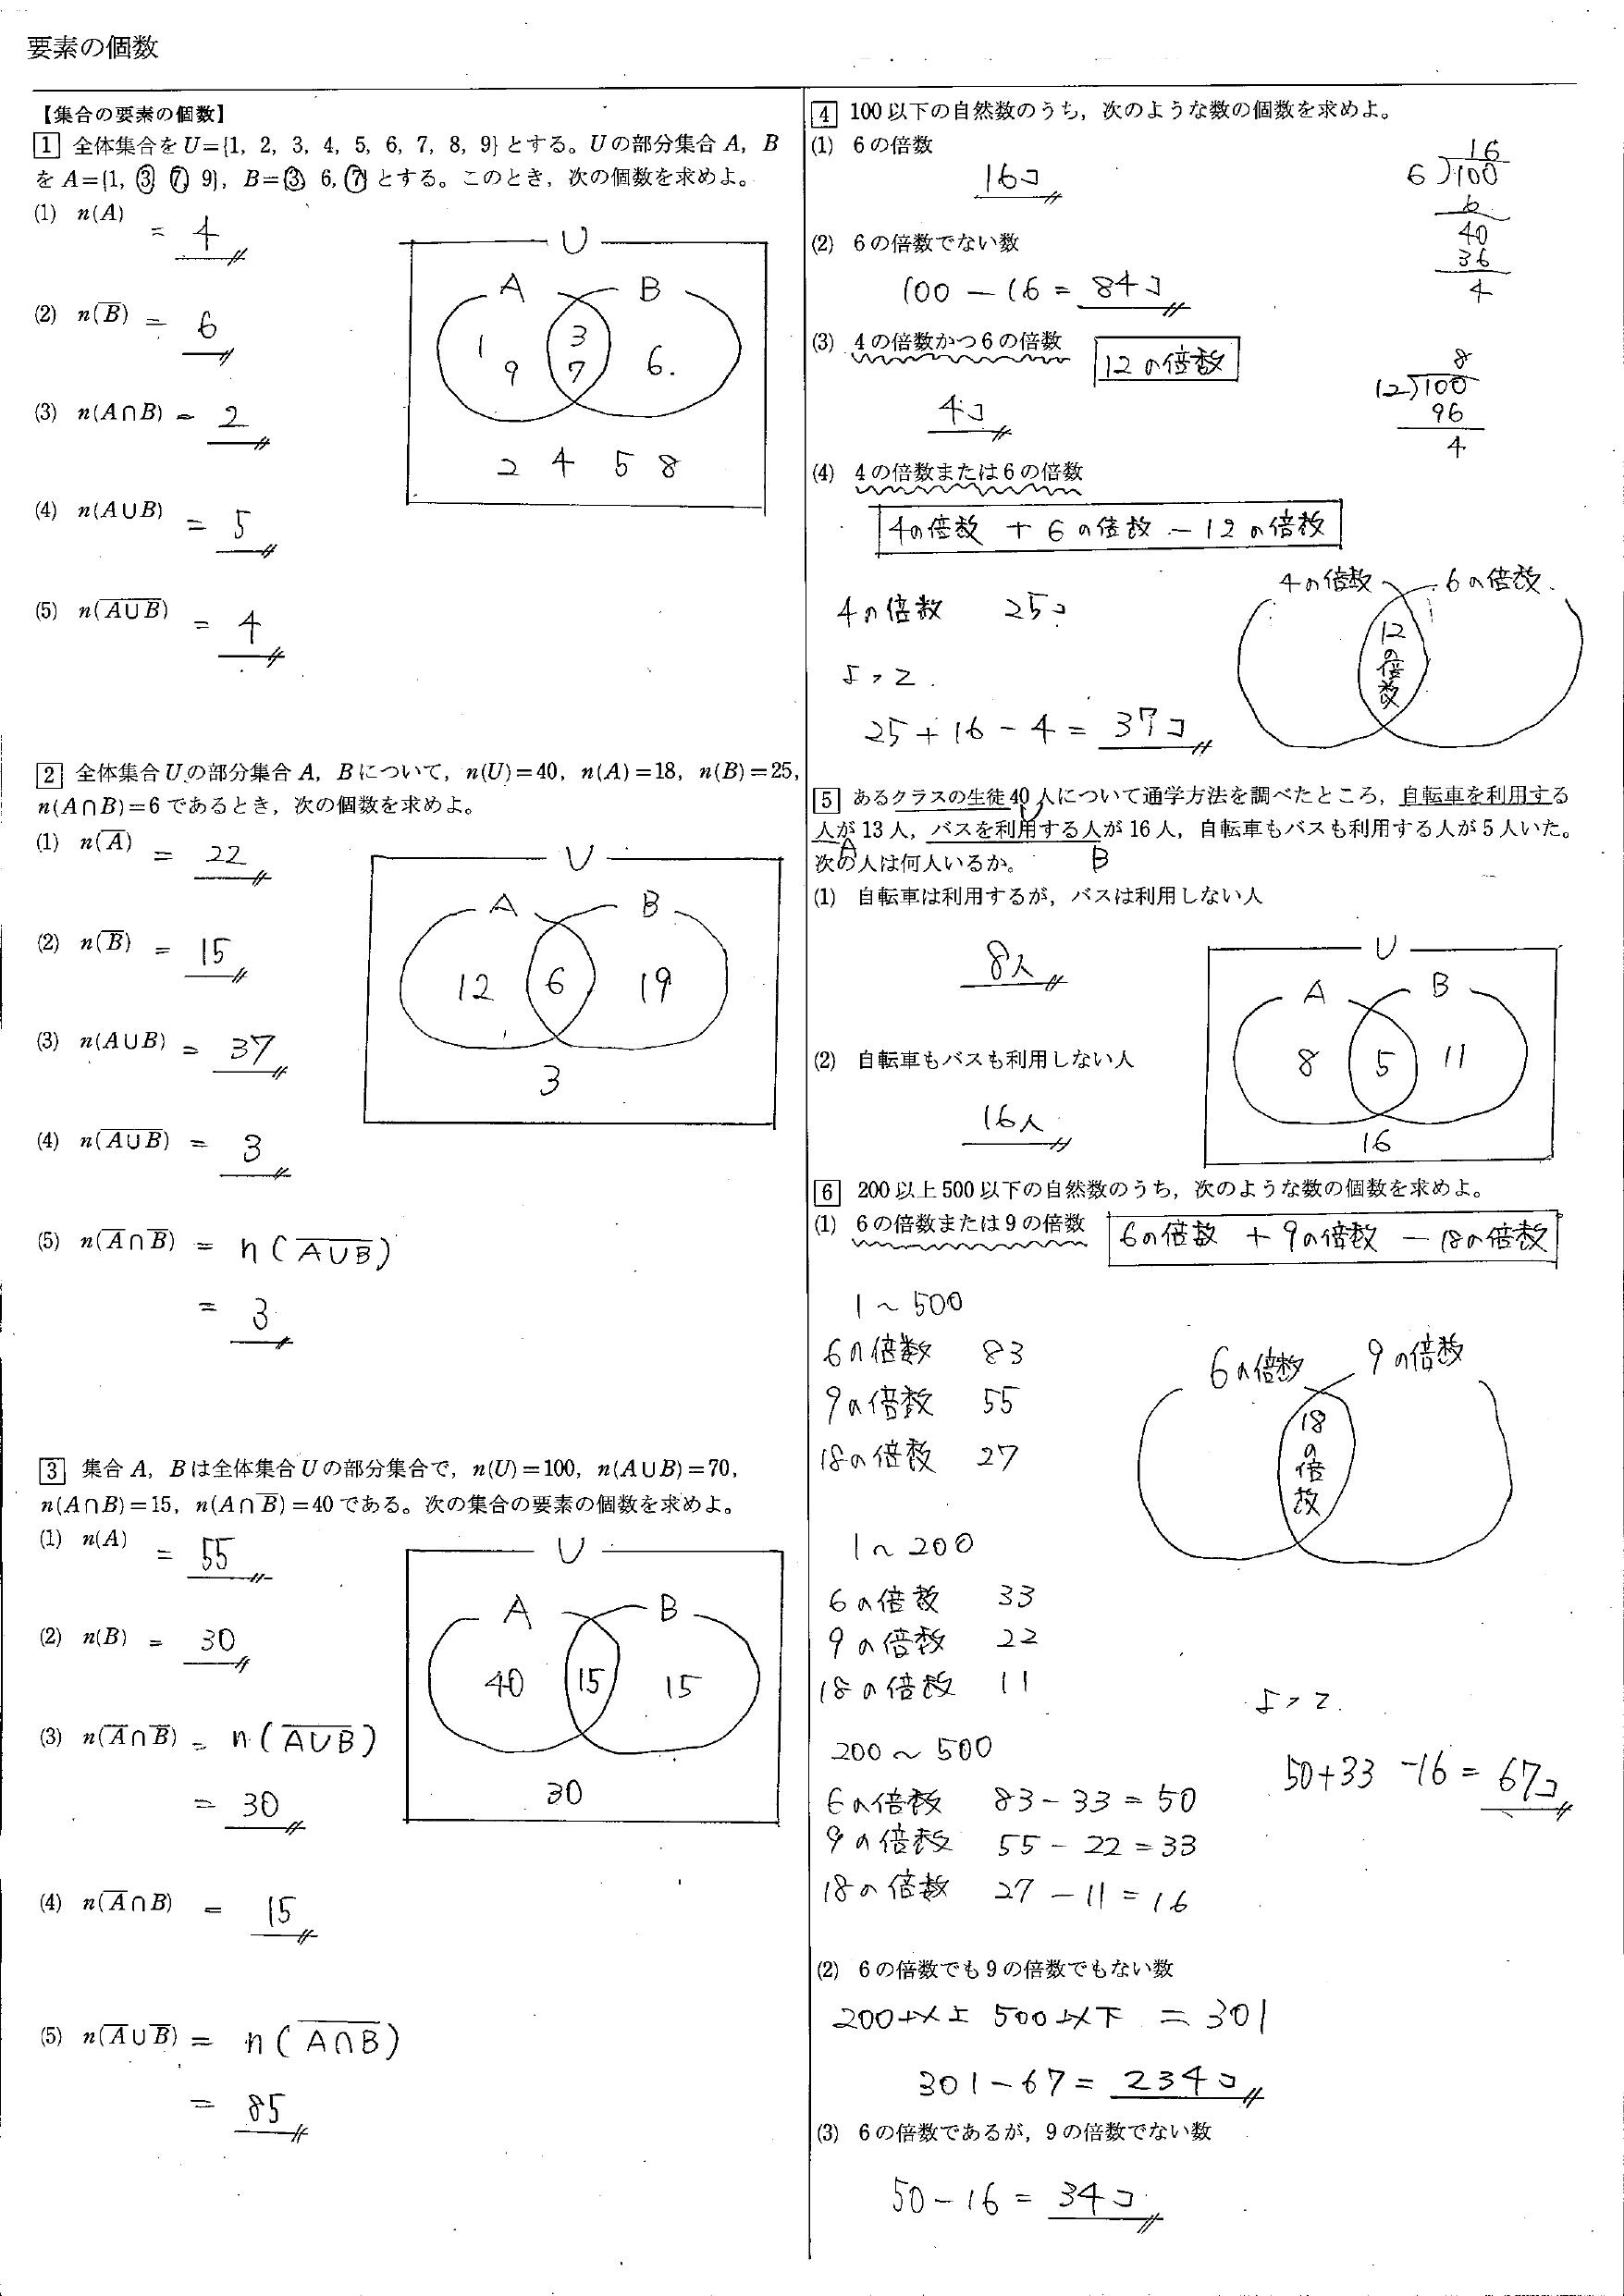 要素の個数 教科書 問題 解答 まとめ 一覧